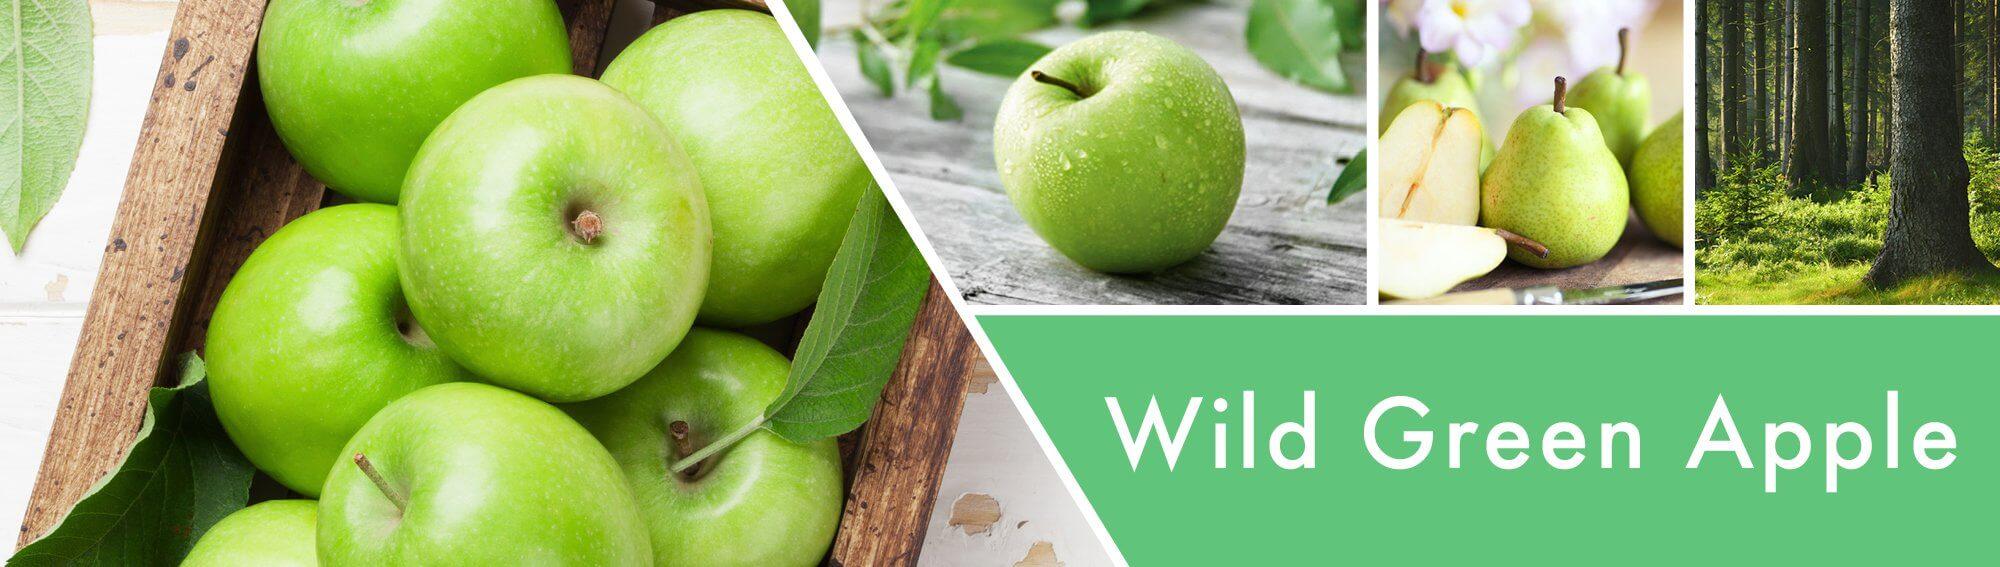 Wild-Green-Apple-Banner